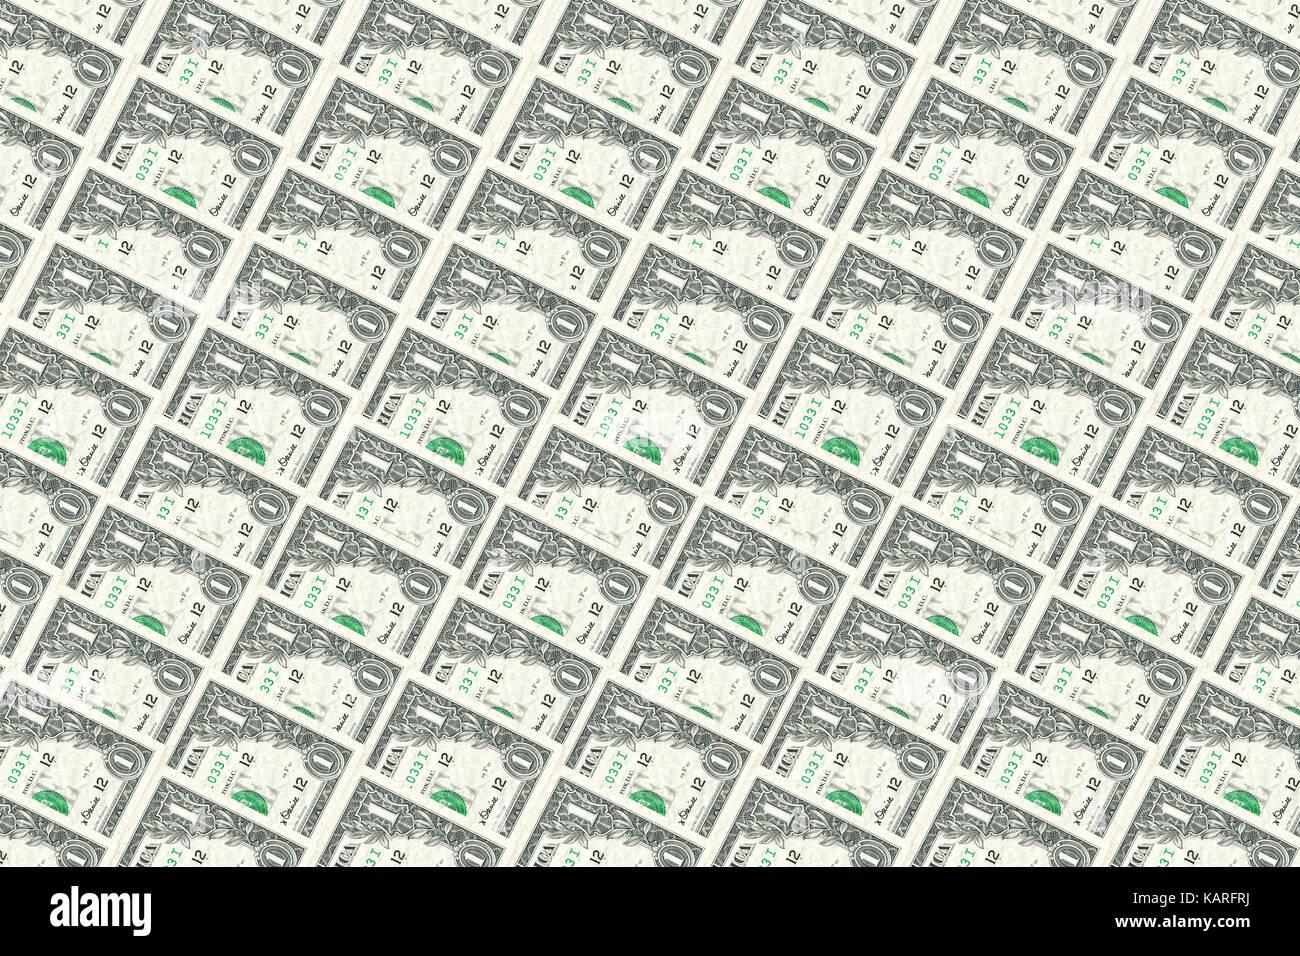 Uno antiguo dólar notas. texturas de fondo y los fondos. Imagen De Stock